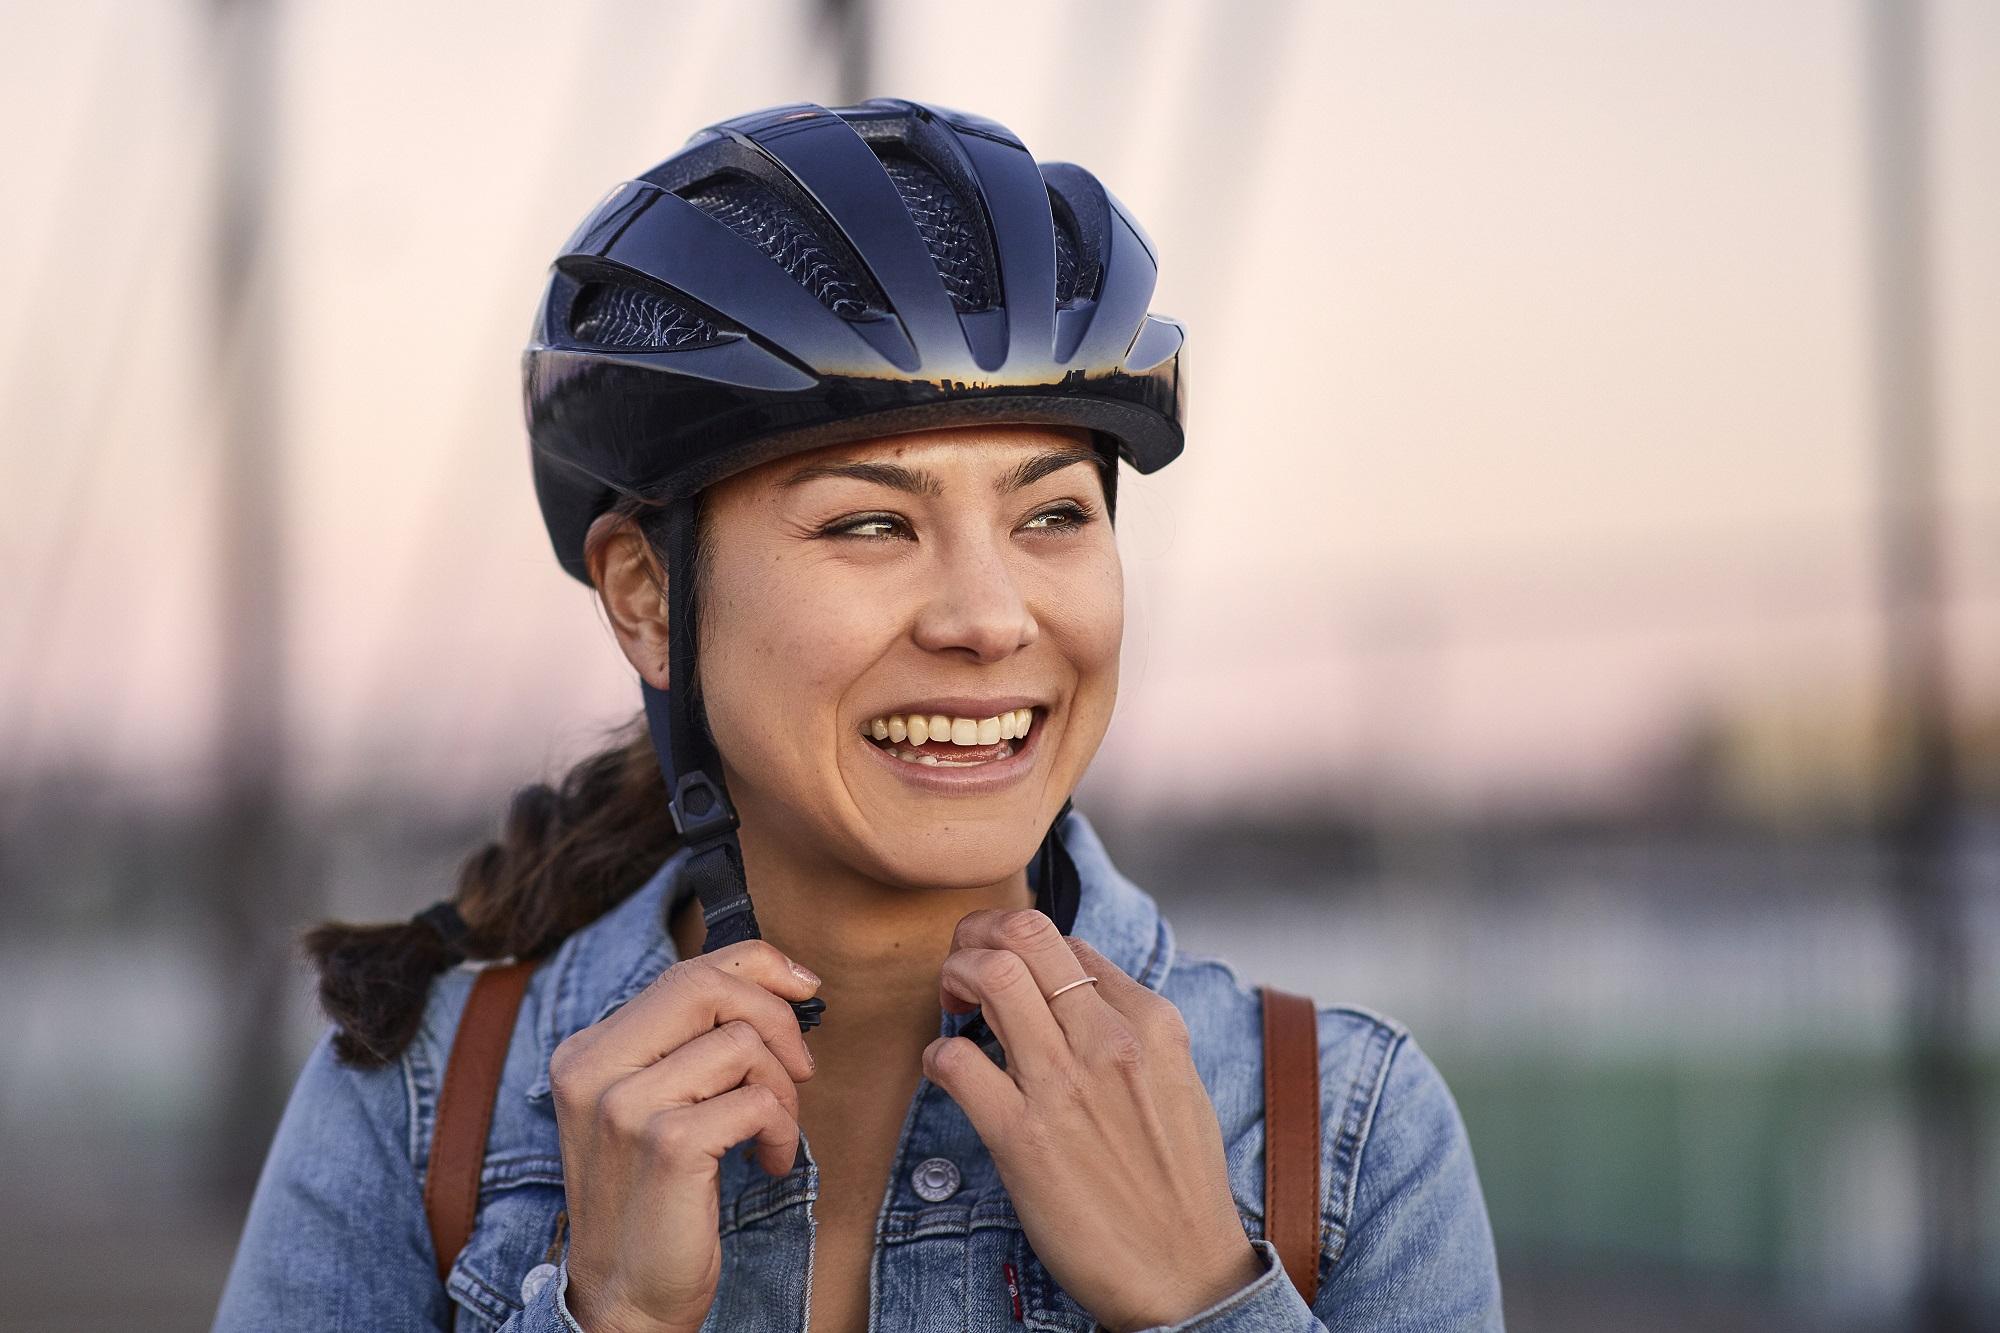 【新商品】初めてのヘルメットにおすすめ!安全技術搭載のStarvos WaveCel AsiaFit が登場